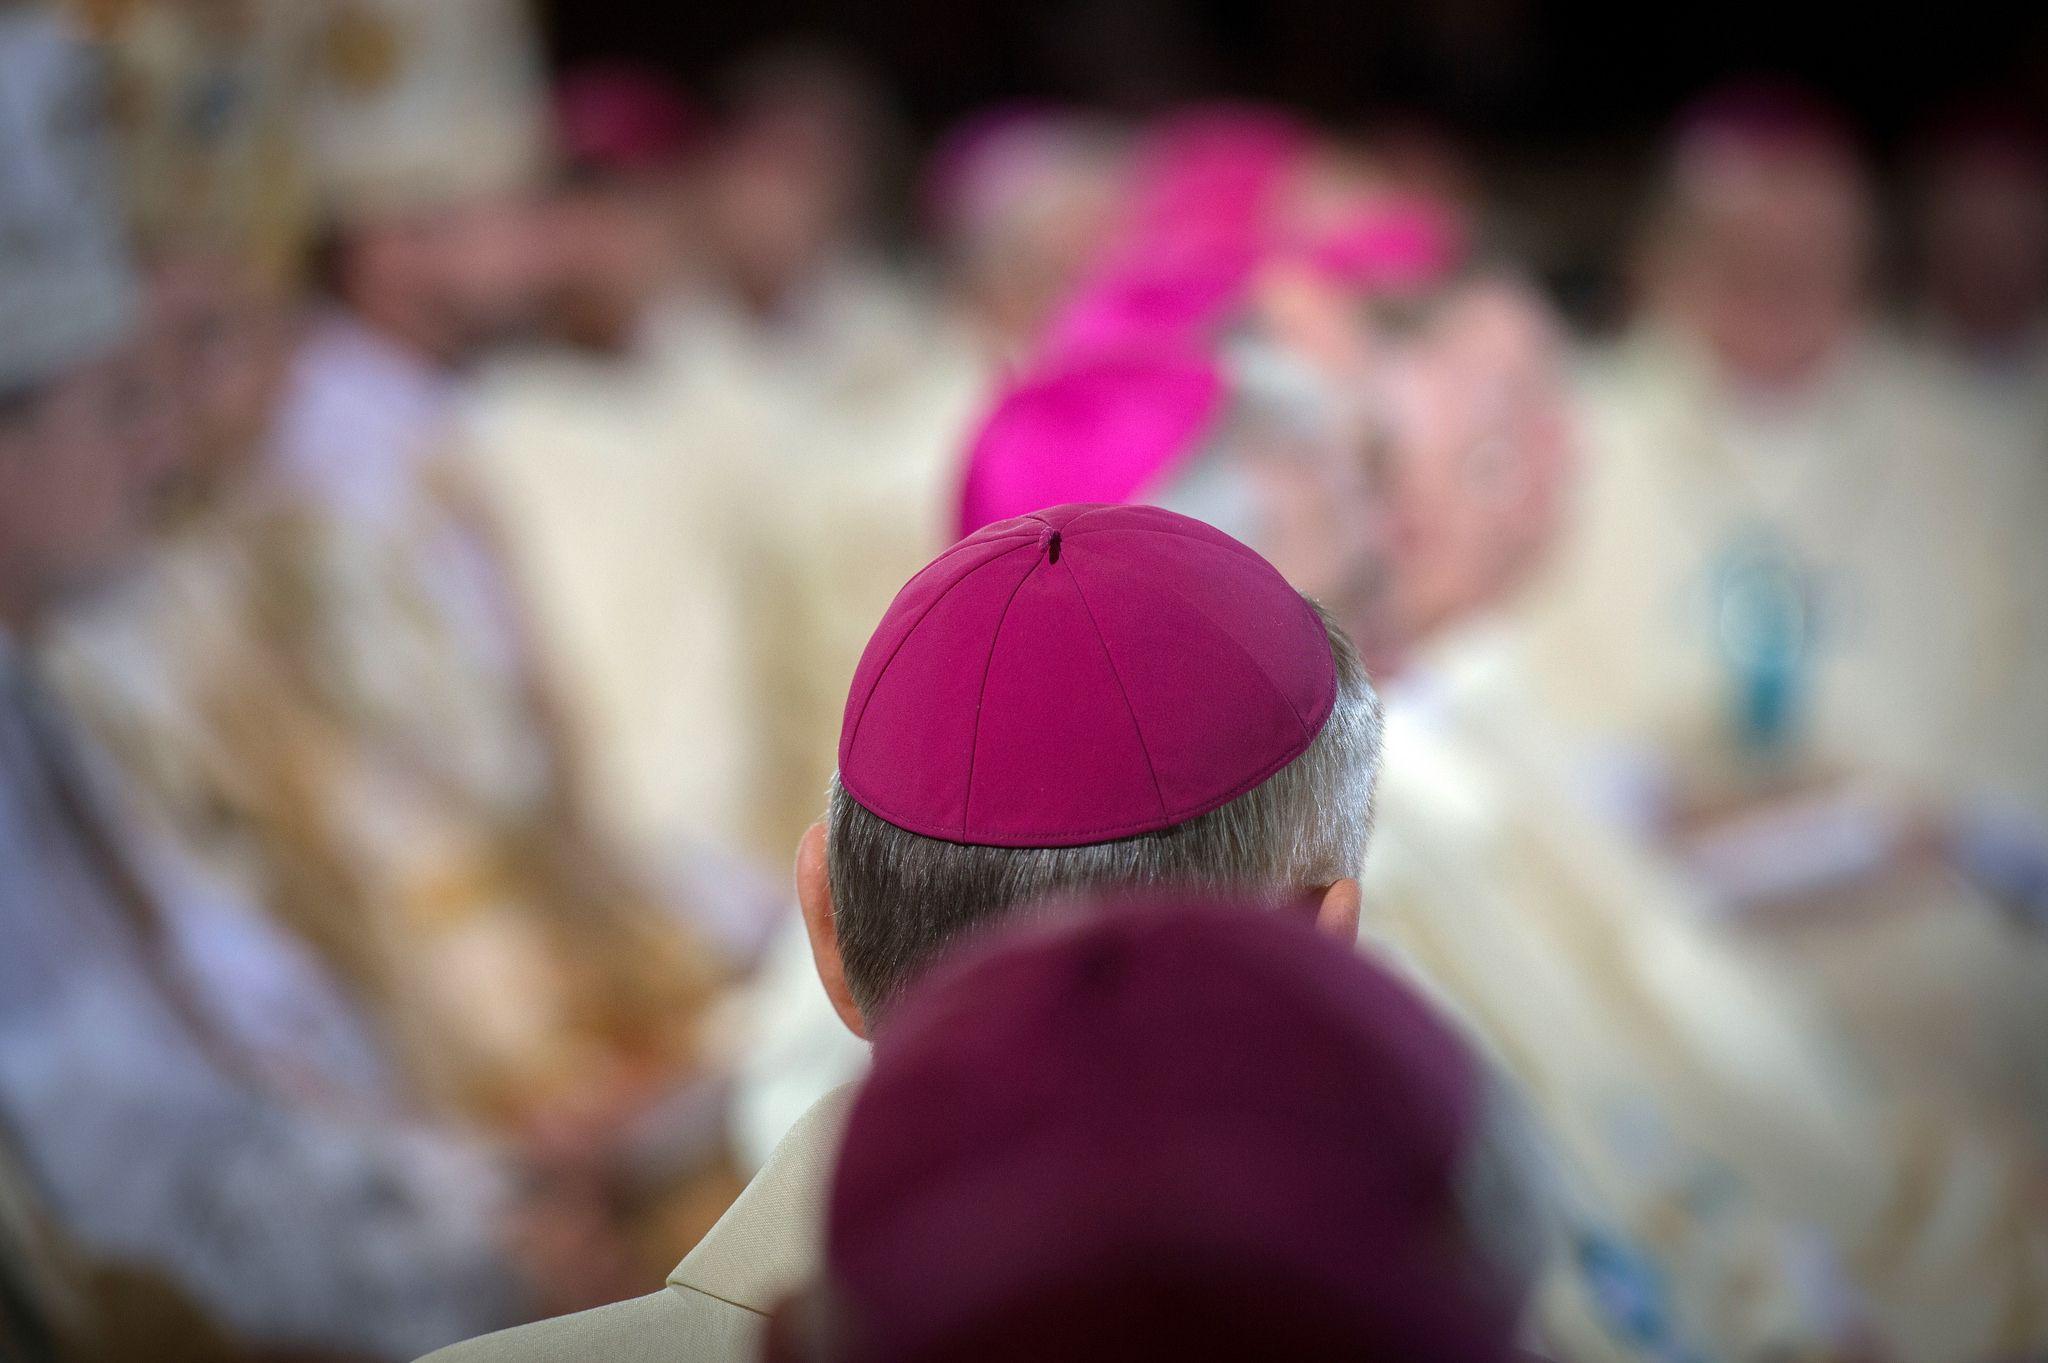 Budapeszt: Episkopaty V4 za Europą jako rodziną narodów, wspierającą prześladowanych